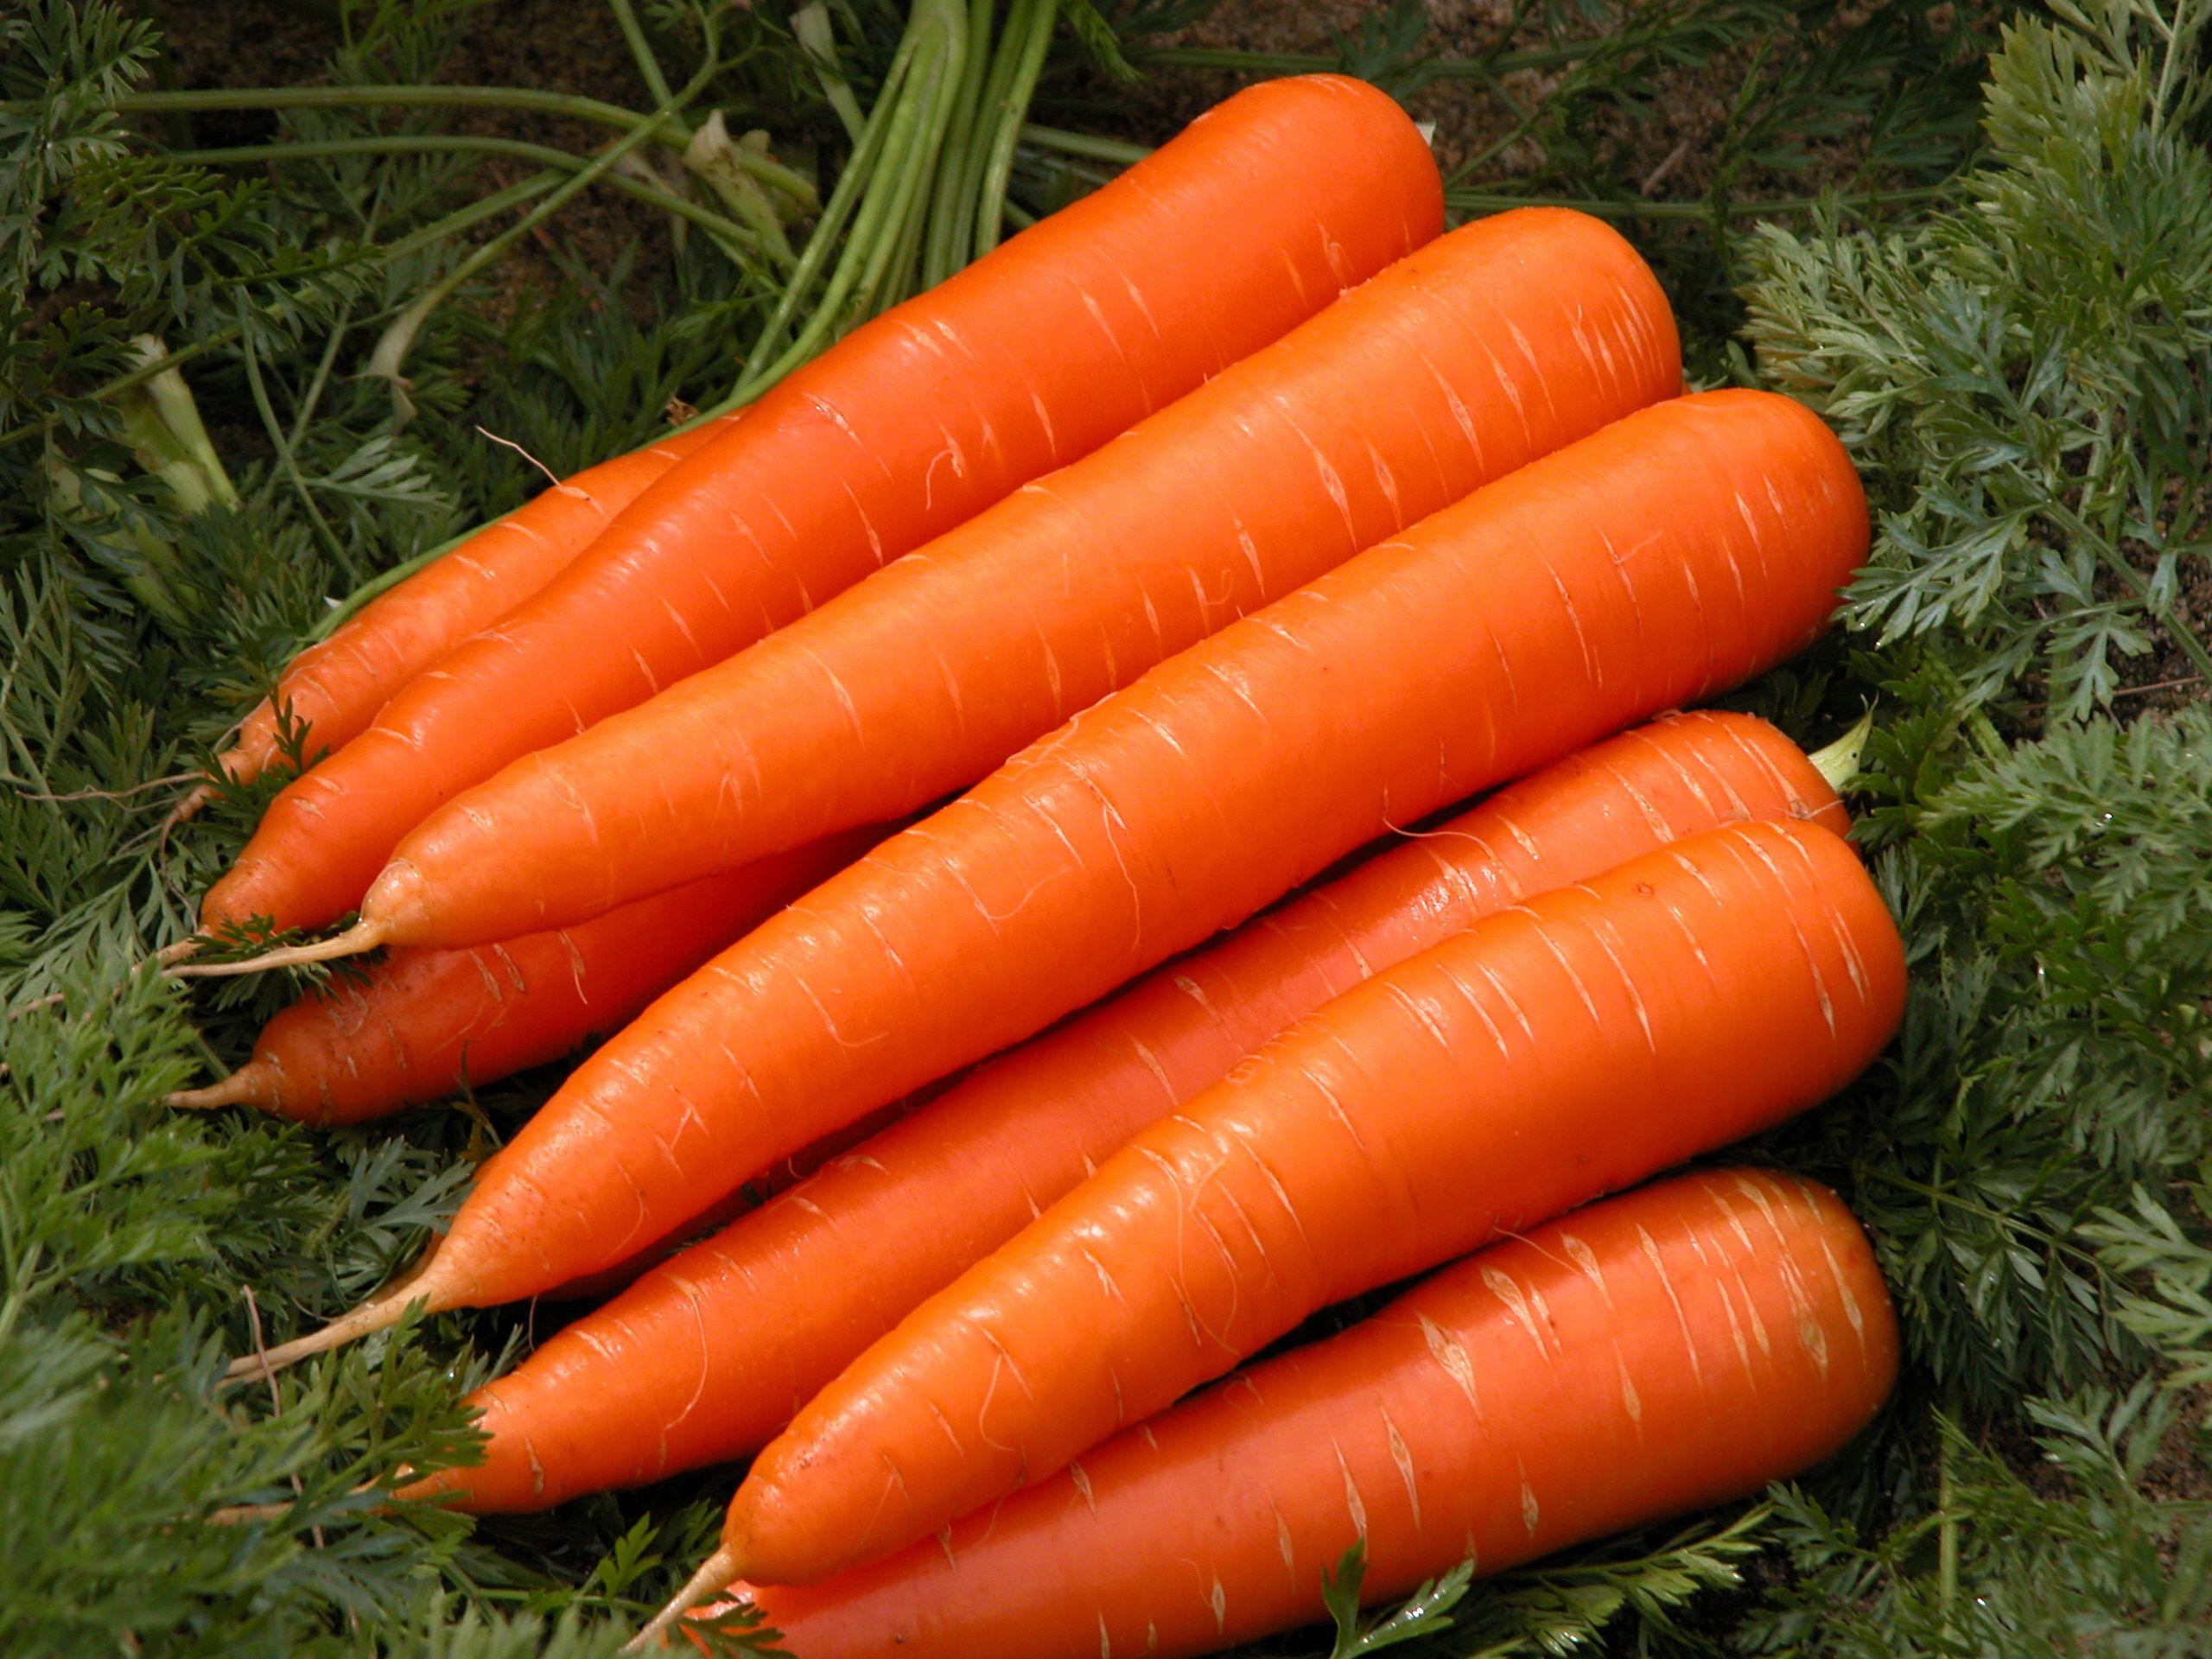 Estudios han demostrado que los riesgos de cáncer en el pancreas de las personas que consumen zanahorias regularmente son mucho menores que en las personas que casi nunca comen este vegetal. El caroteno no sólo protege contra el cáncer, también protege las arterias, el sistema inmunológico y combate las infecciones.